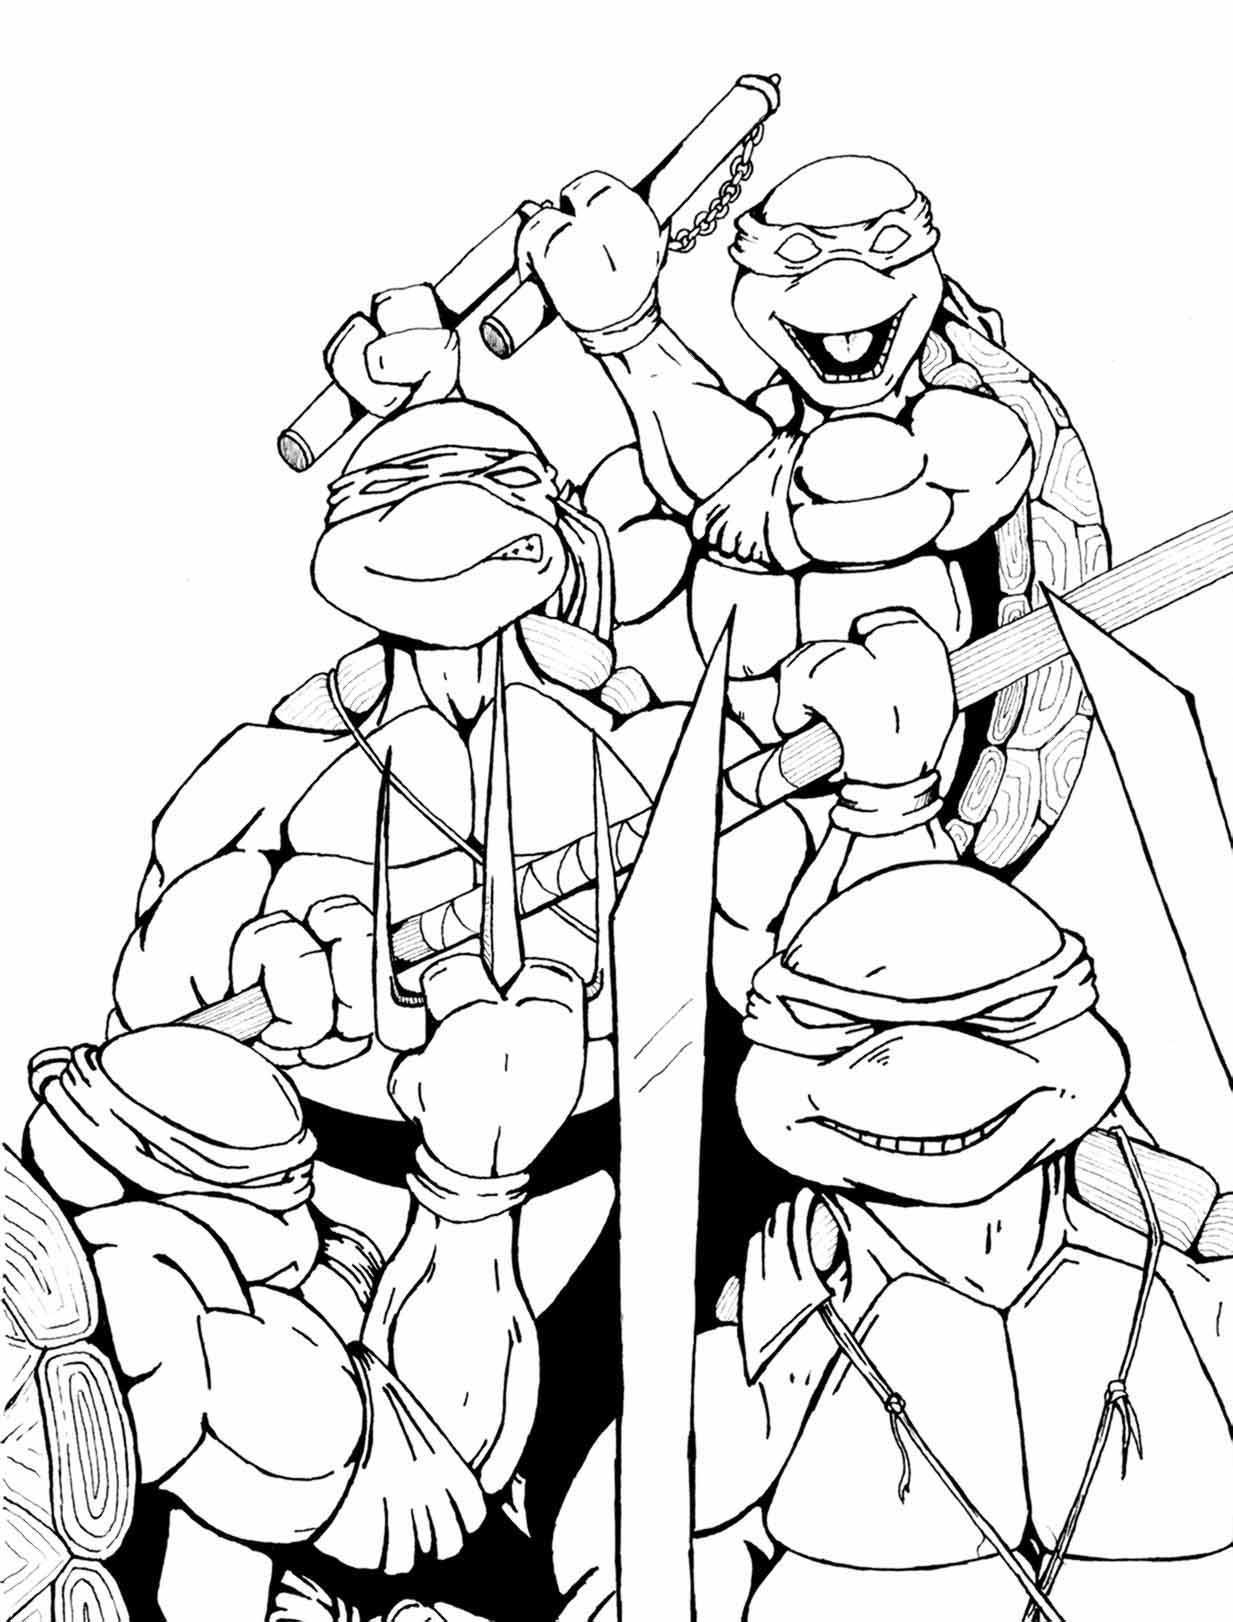 Line Art Ninja : Ninja turtles by petex on deviantart